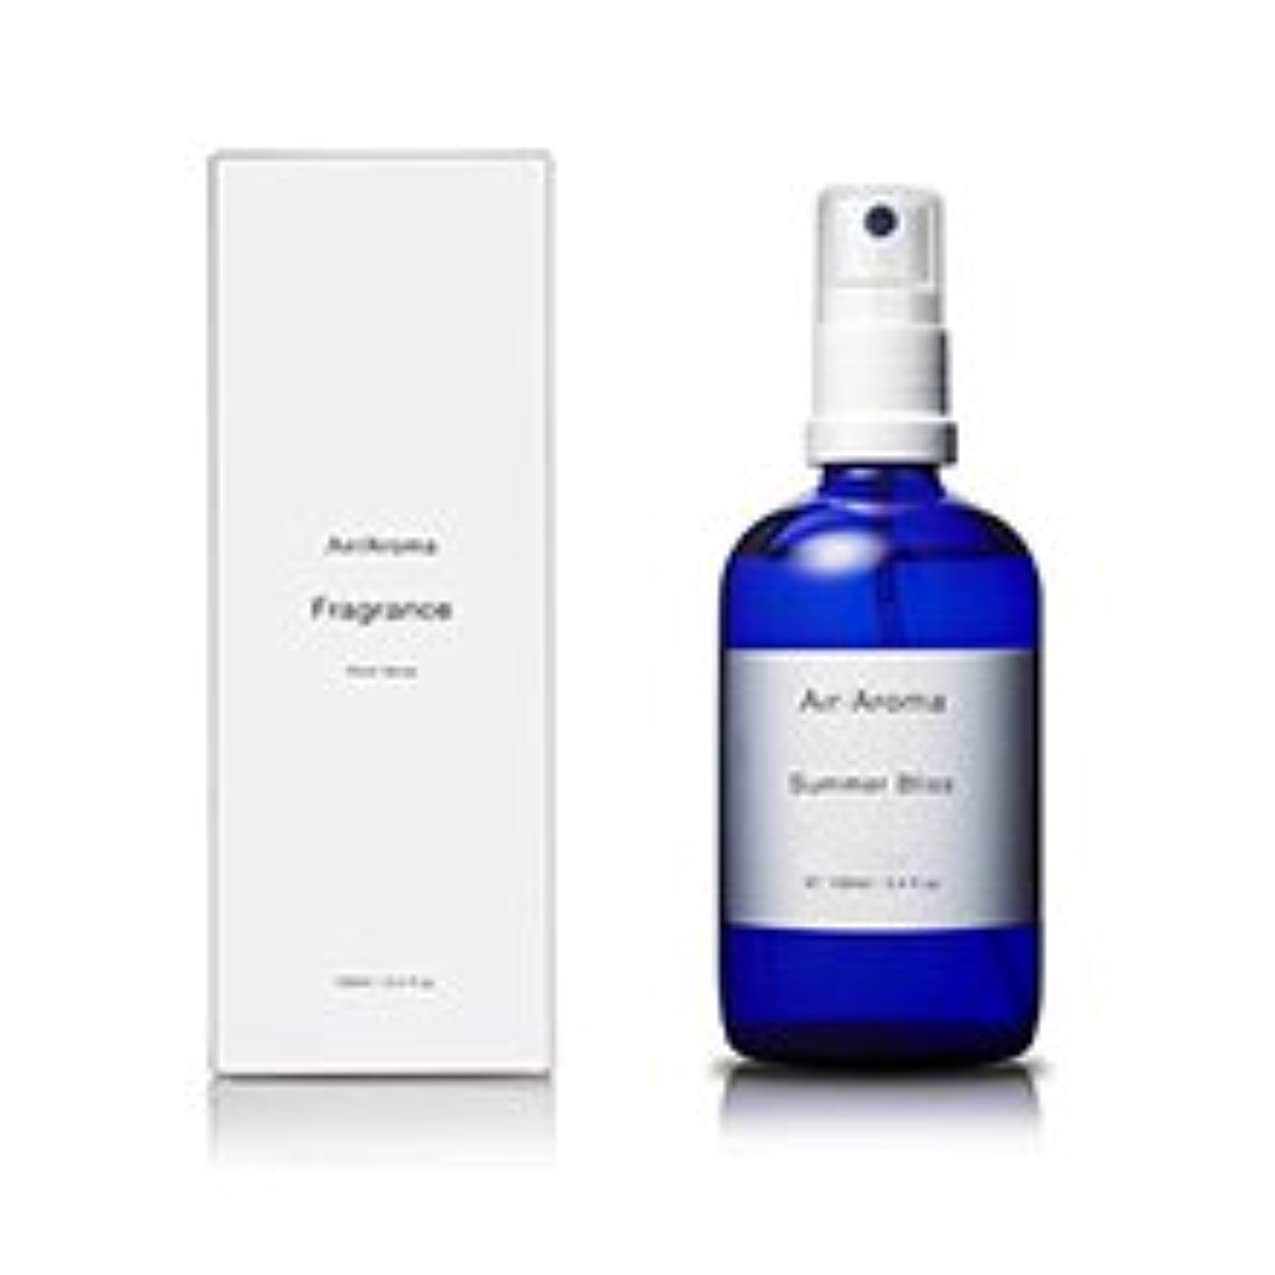 競争祝うパイントエアアロマ summer bliss room fragrance (サマーブリス ルームフレグランス) 100ml